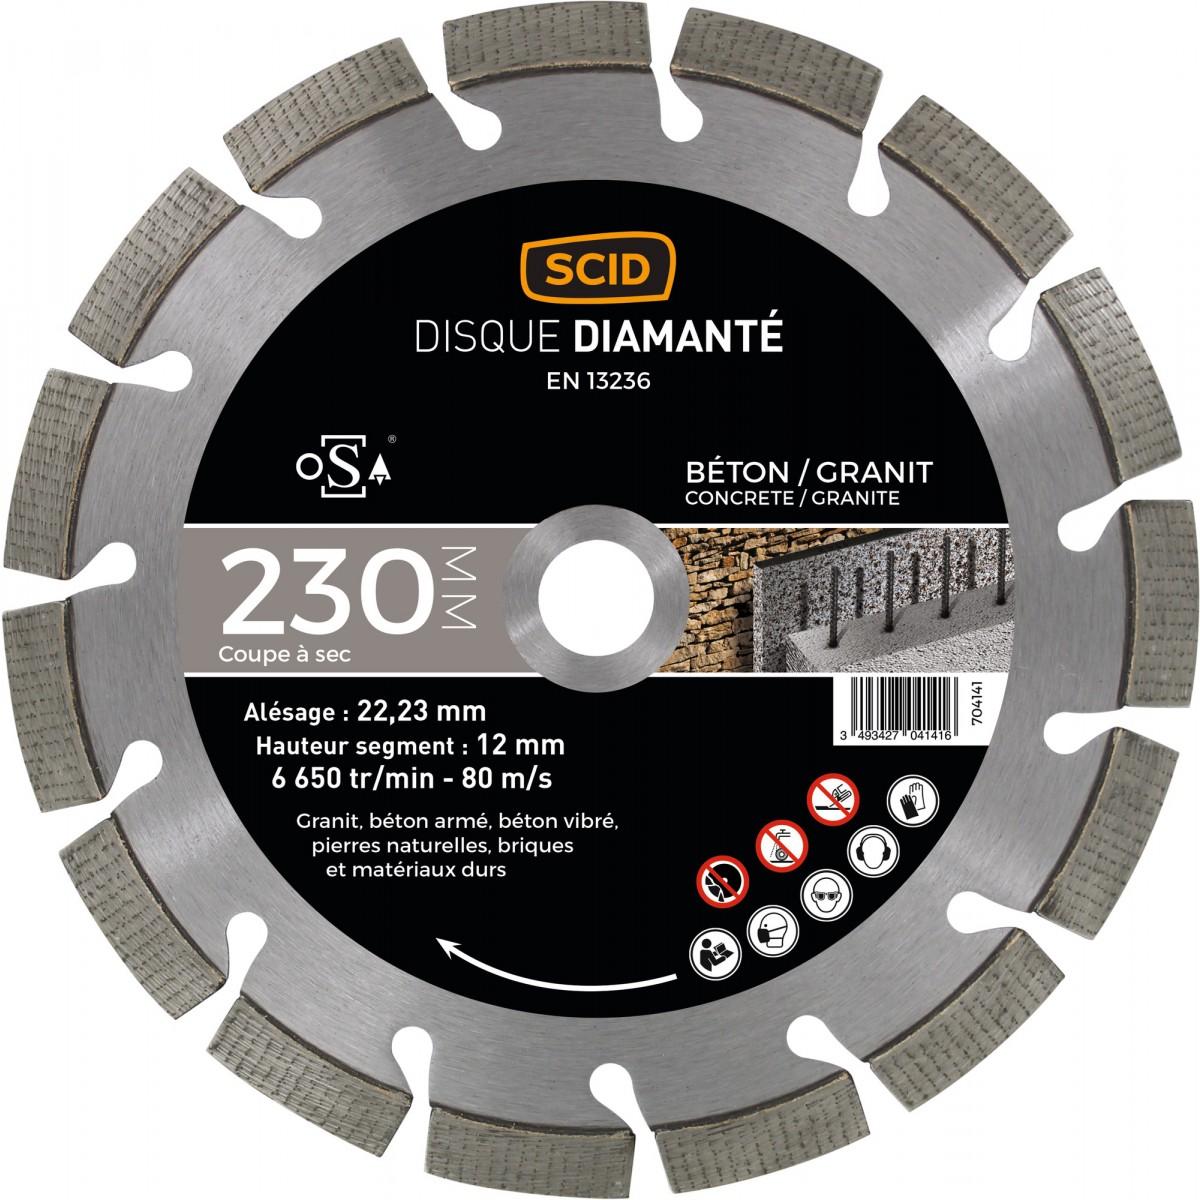 Disque diamanté béton granit expert SCID - Diamètre 230 mm